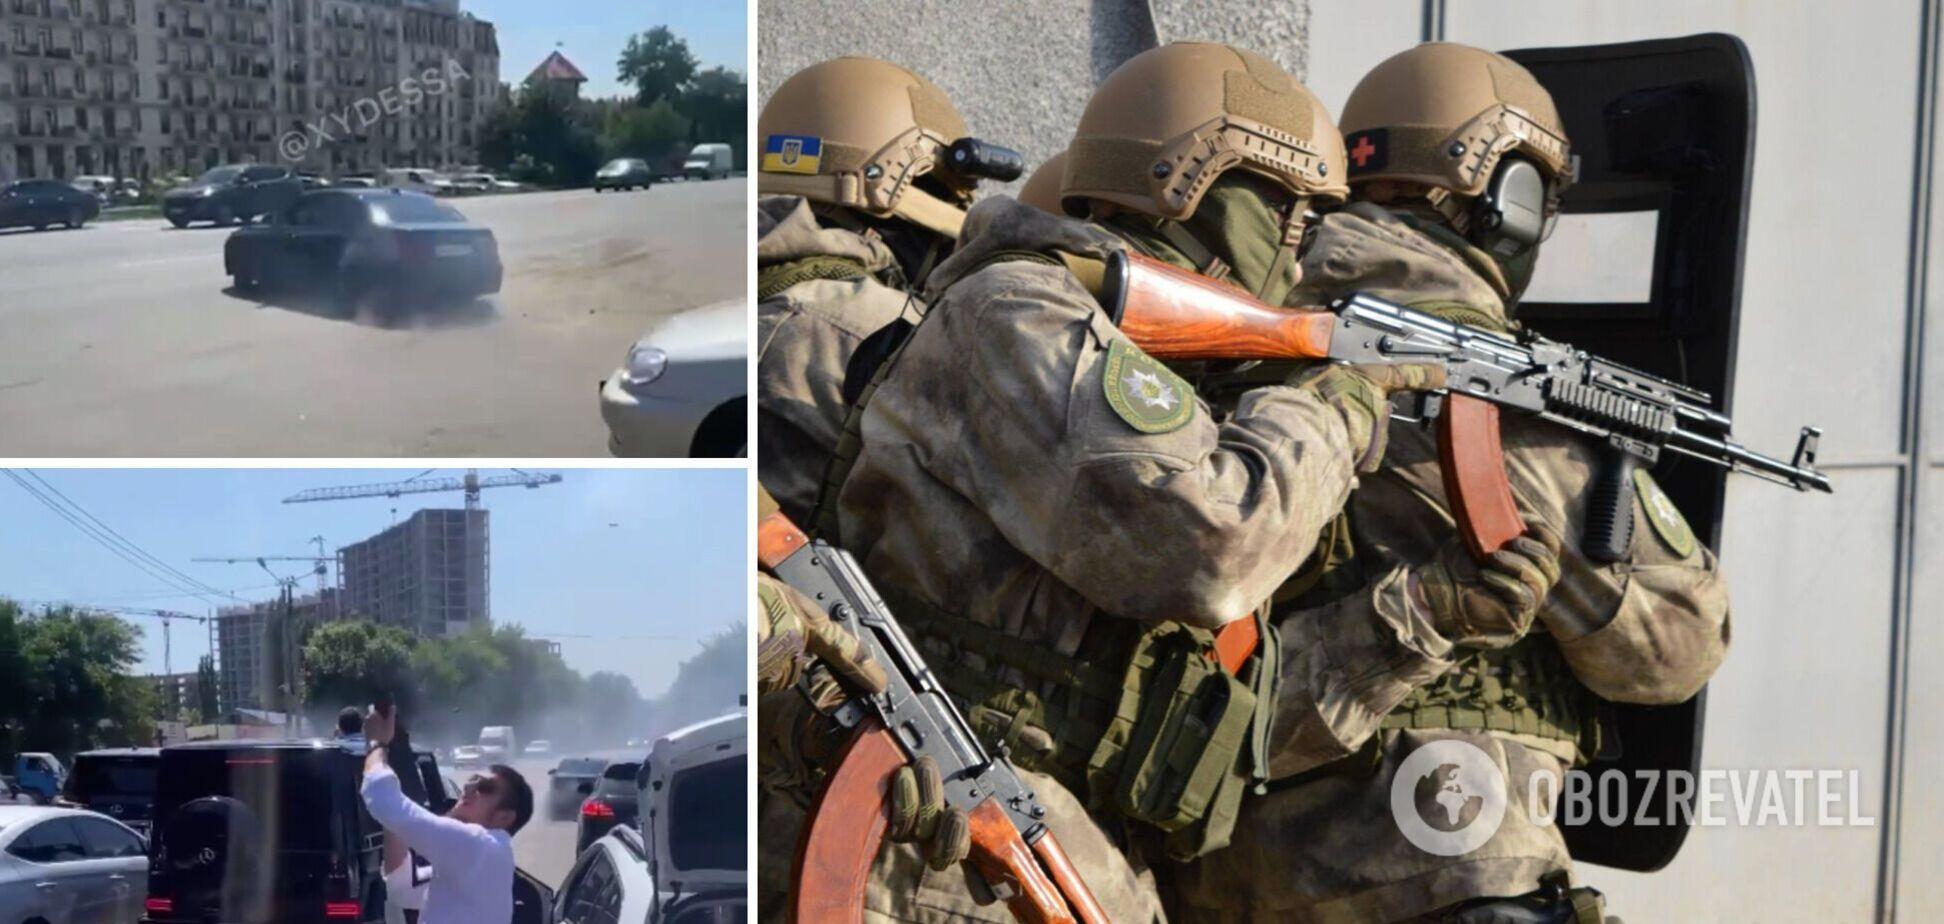 Під Одесою влаштували стрілянину з автомата в дусі кавказького весілля: поліція провела спецоперацію. Фото та відео